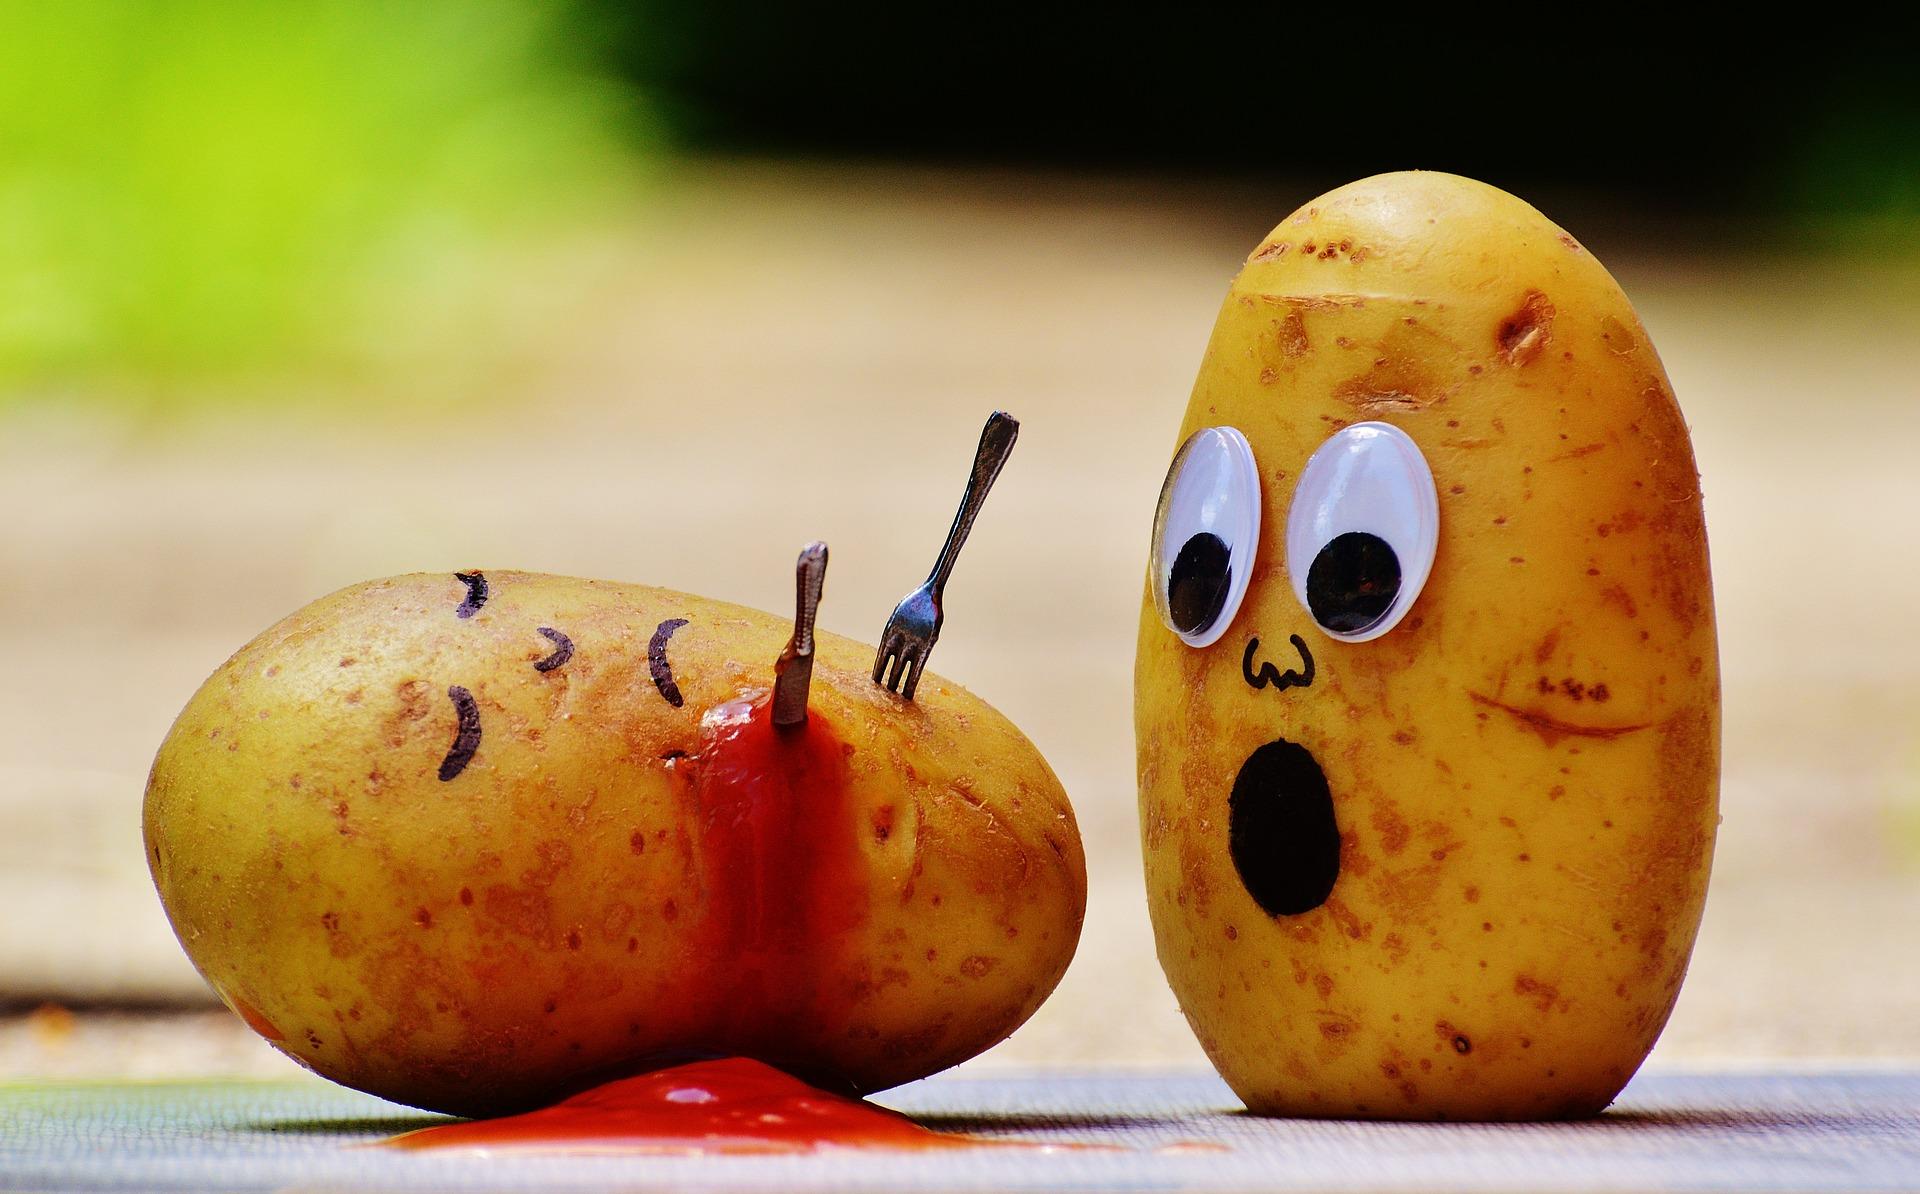 Patata asesinada con cuchillo y tenedor